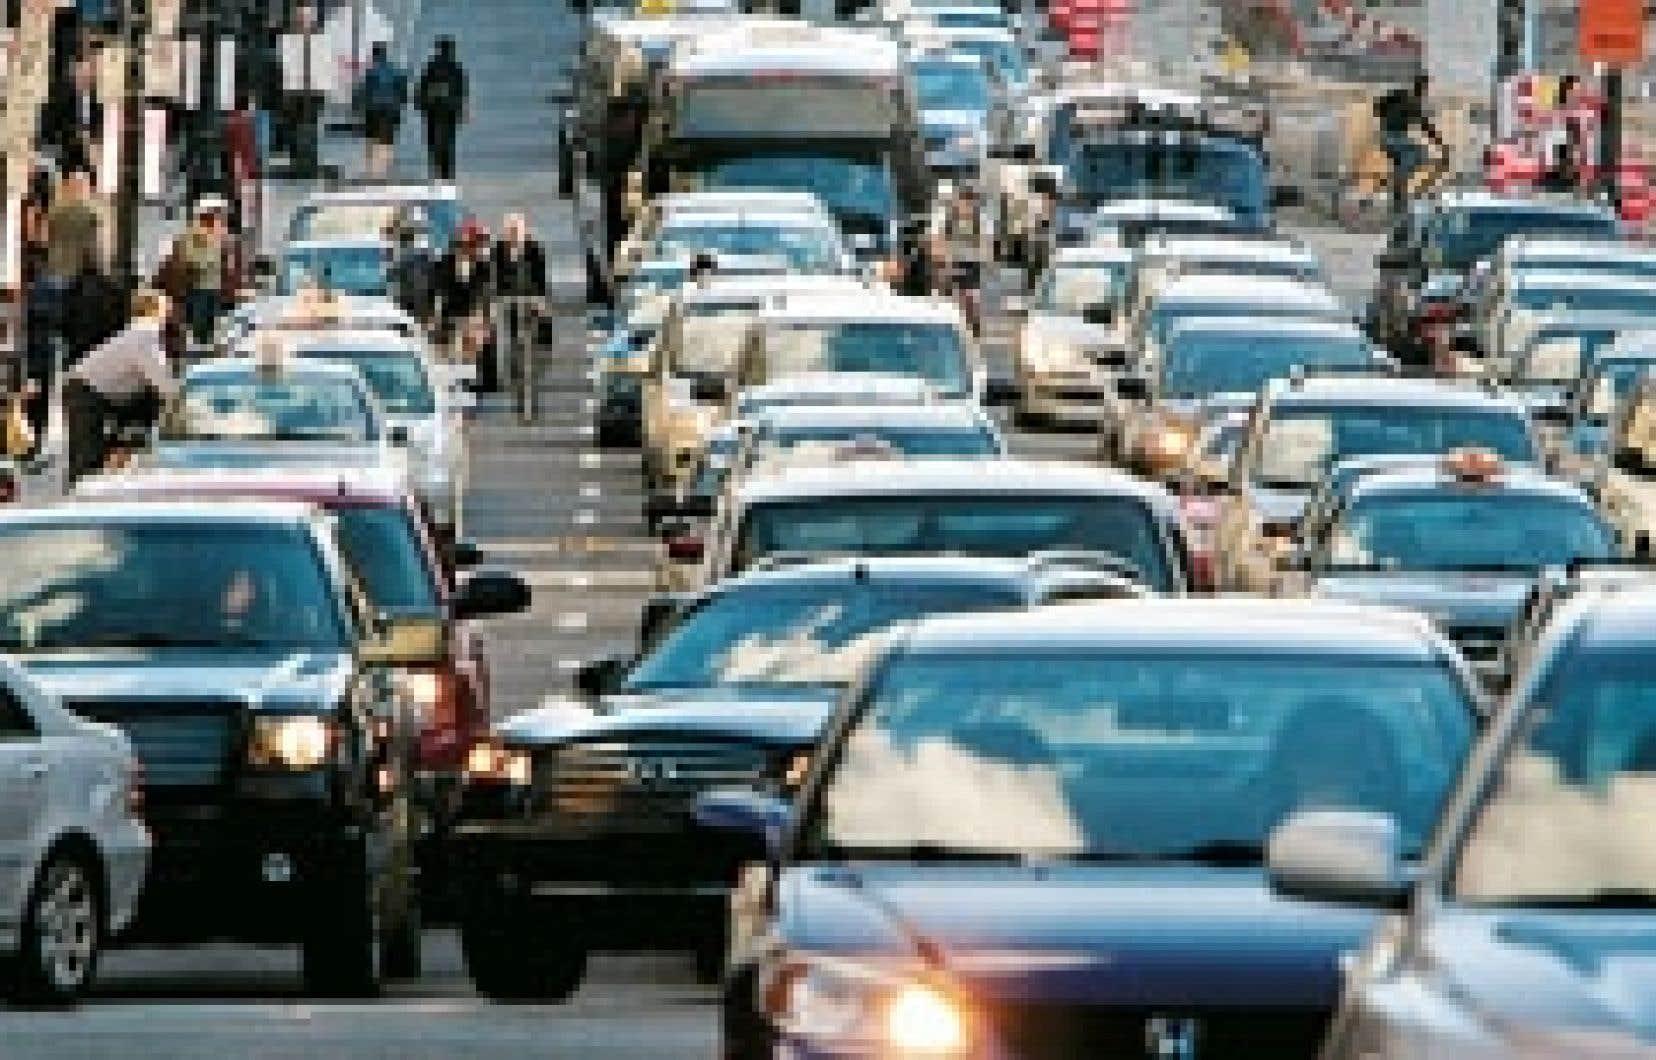 Sous un gouvernement néo-démocrate, les constructeurs automobiles devraient mettre progressivement en marché, d'ici 2020, une flotte composée à 60 % de voitures hybrides.